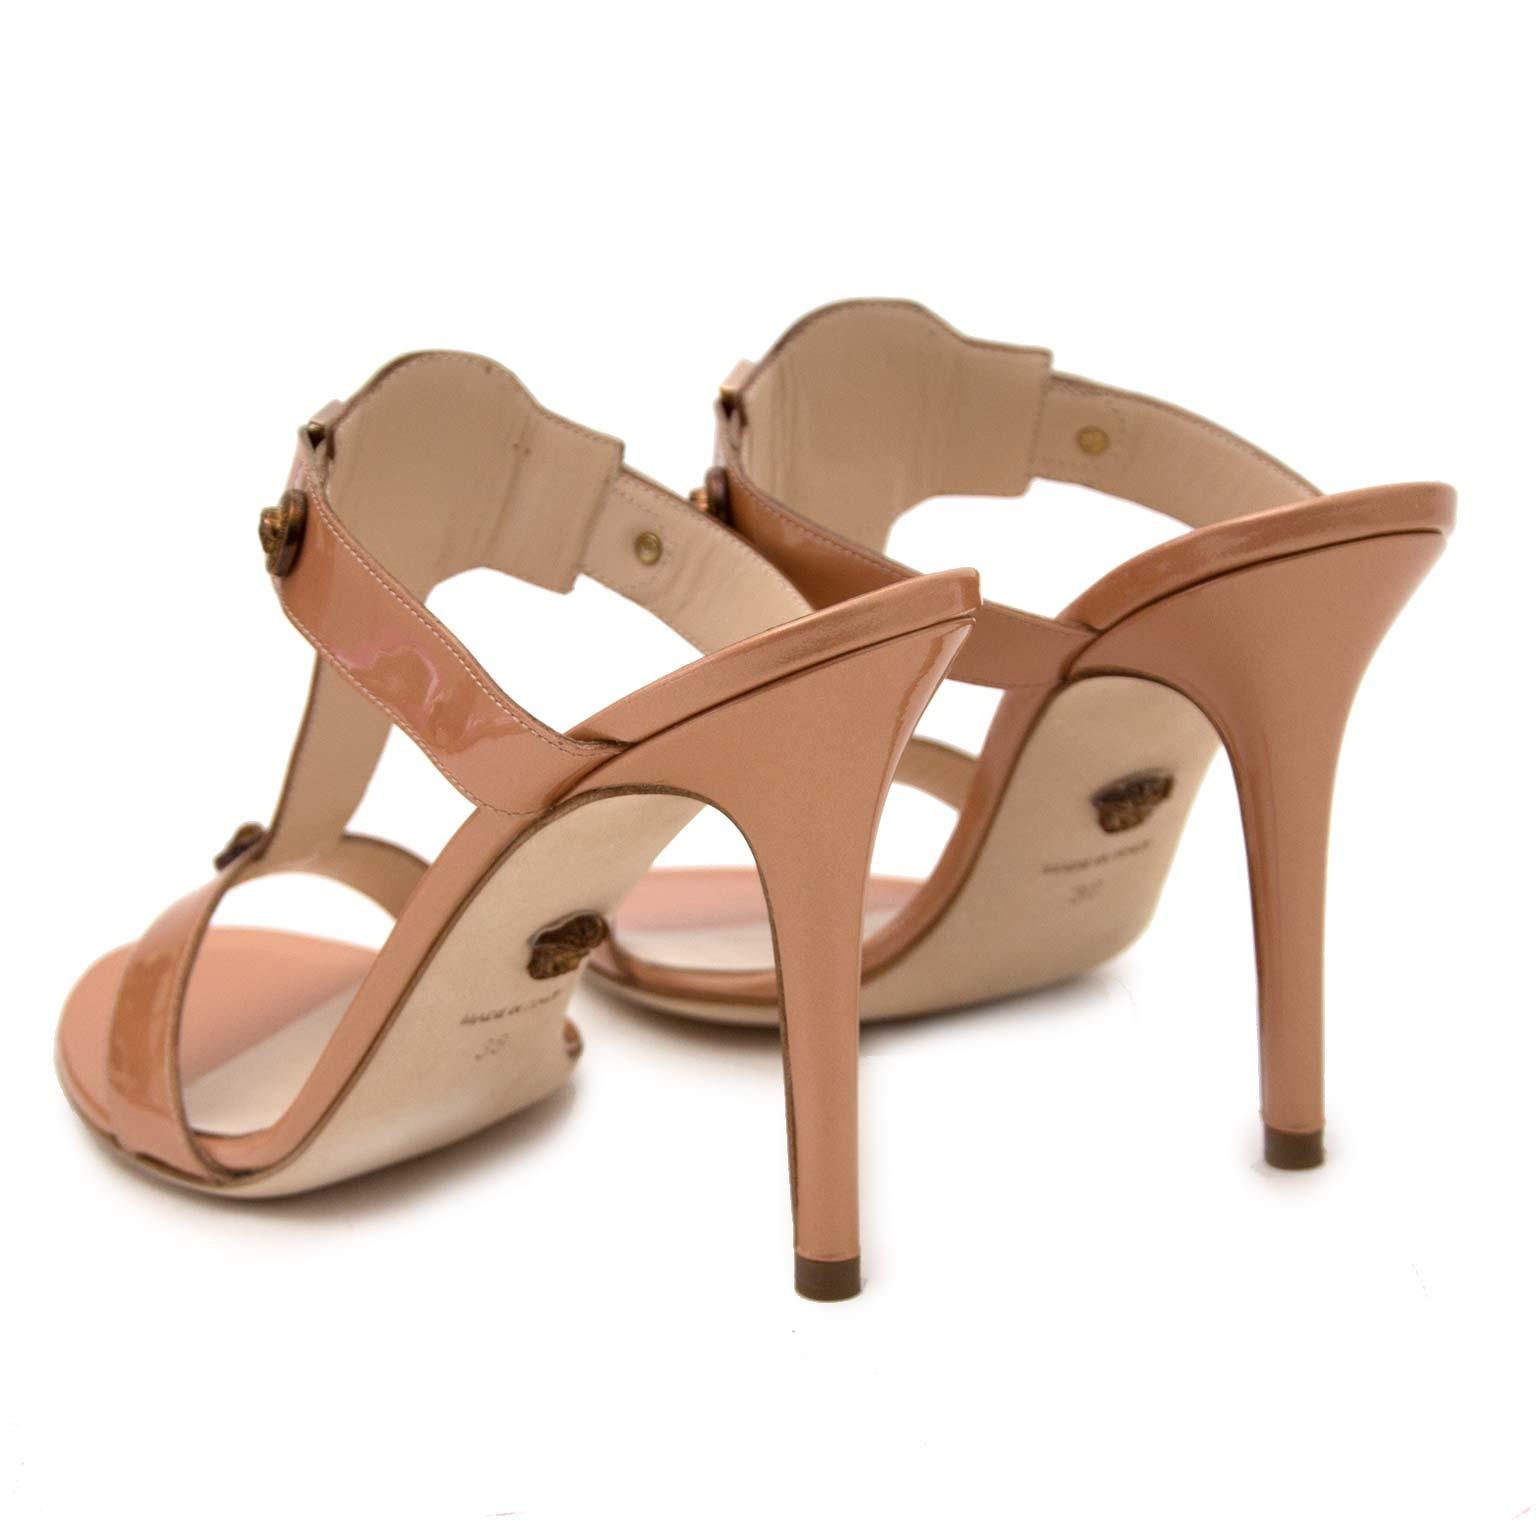 *NEVER WORN* Versace Rose Gold Patent Leather Mules - Size 38 koop vielig online tegen de beste prijs